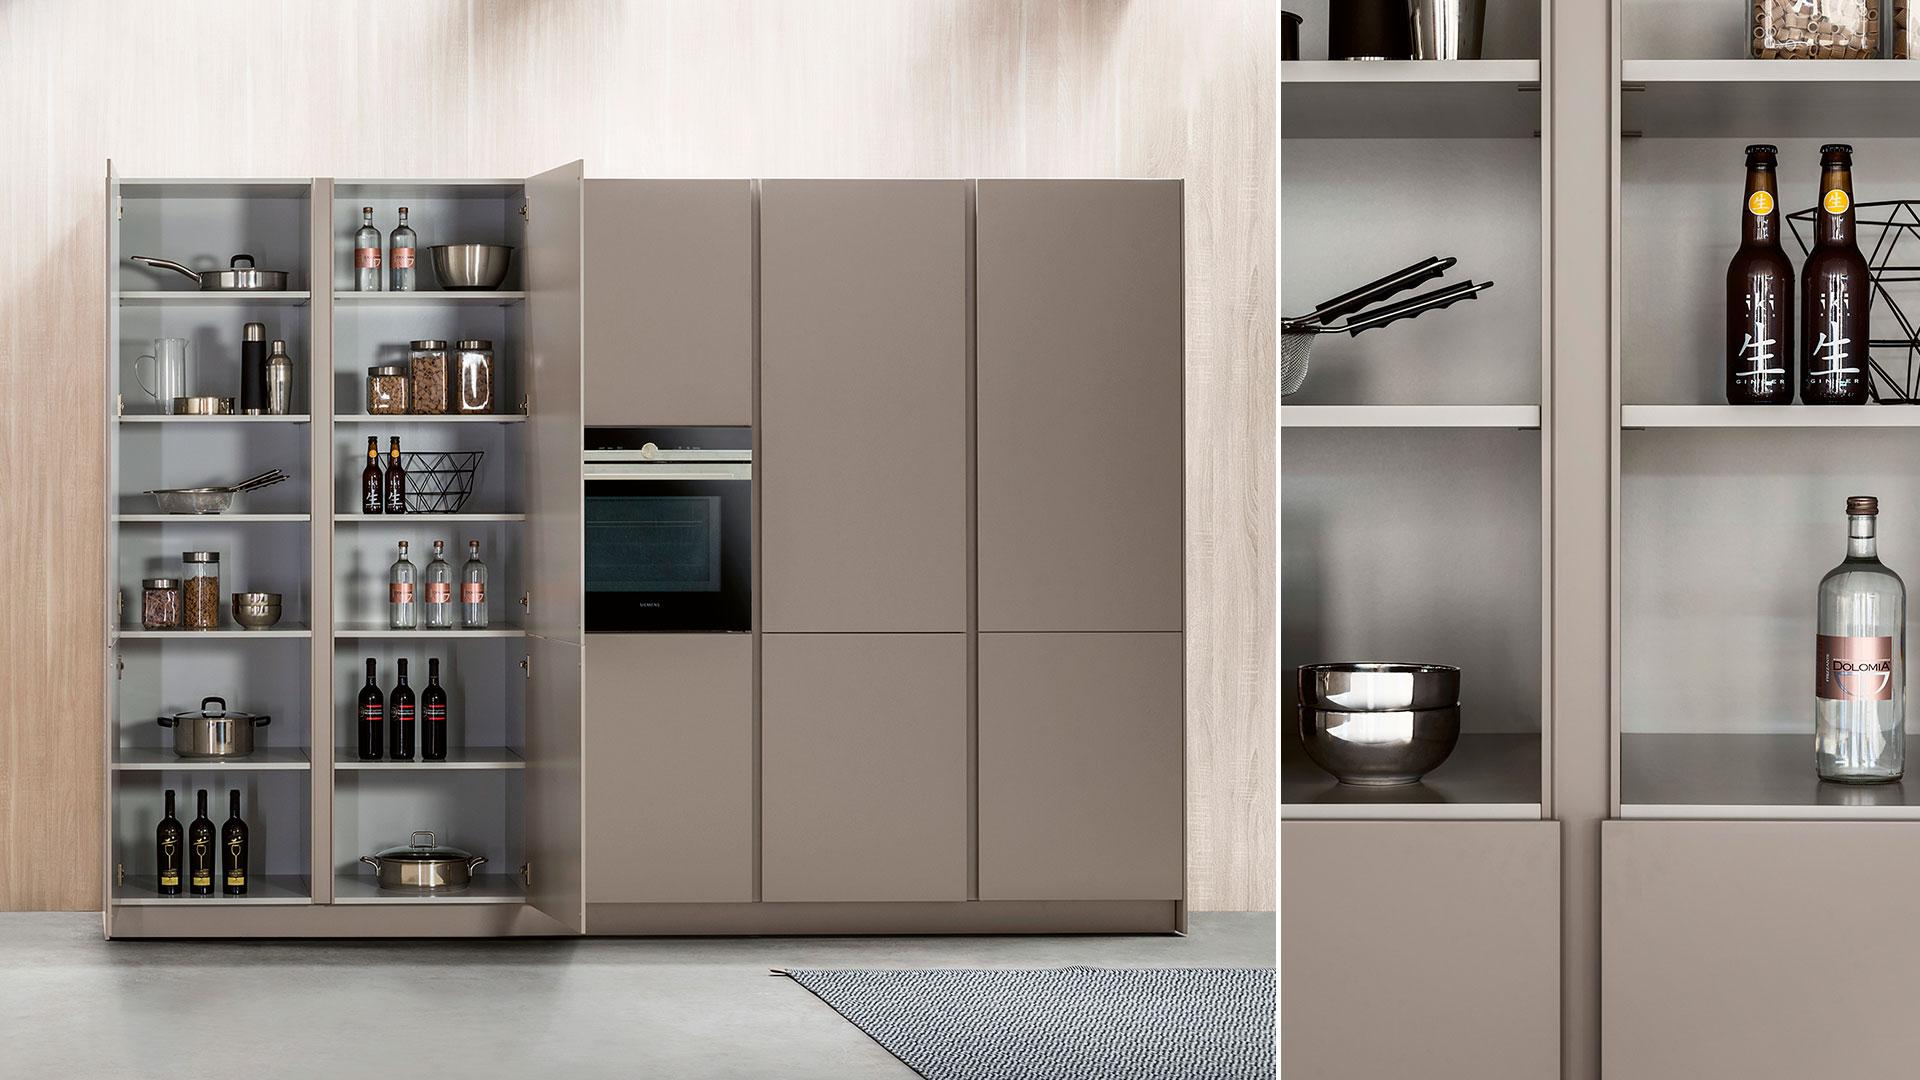 Freestanding modern kitchen in Corian | TM Italia 2018 Kitchens Collection - TM_CAT_K6_002